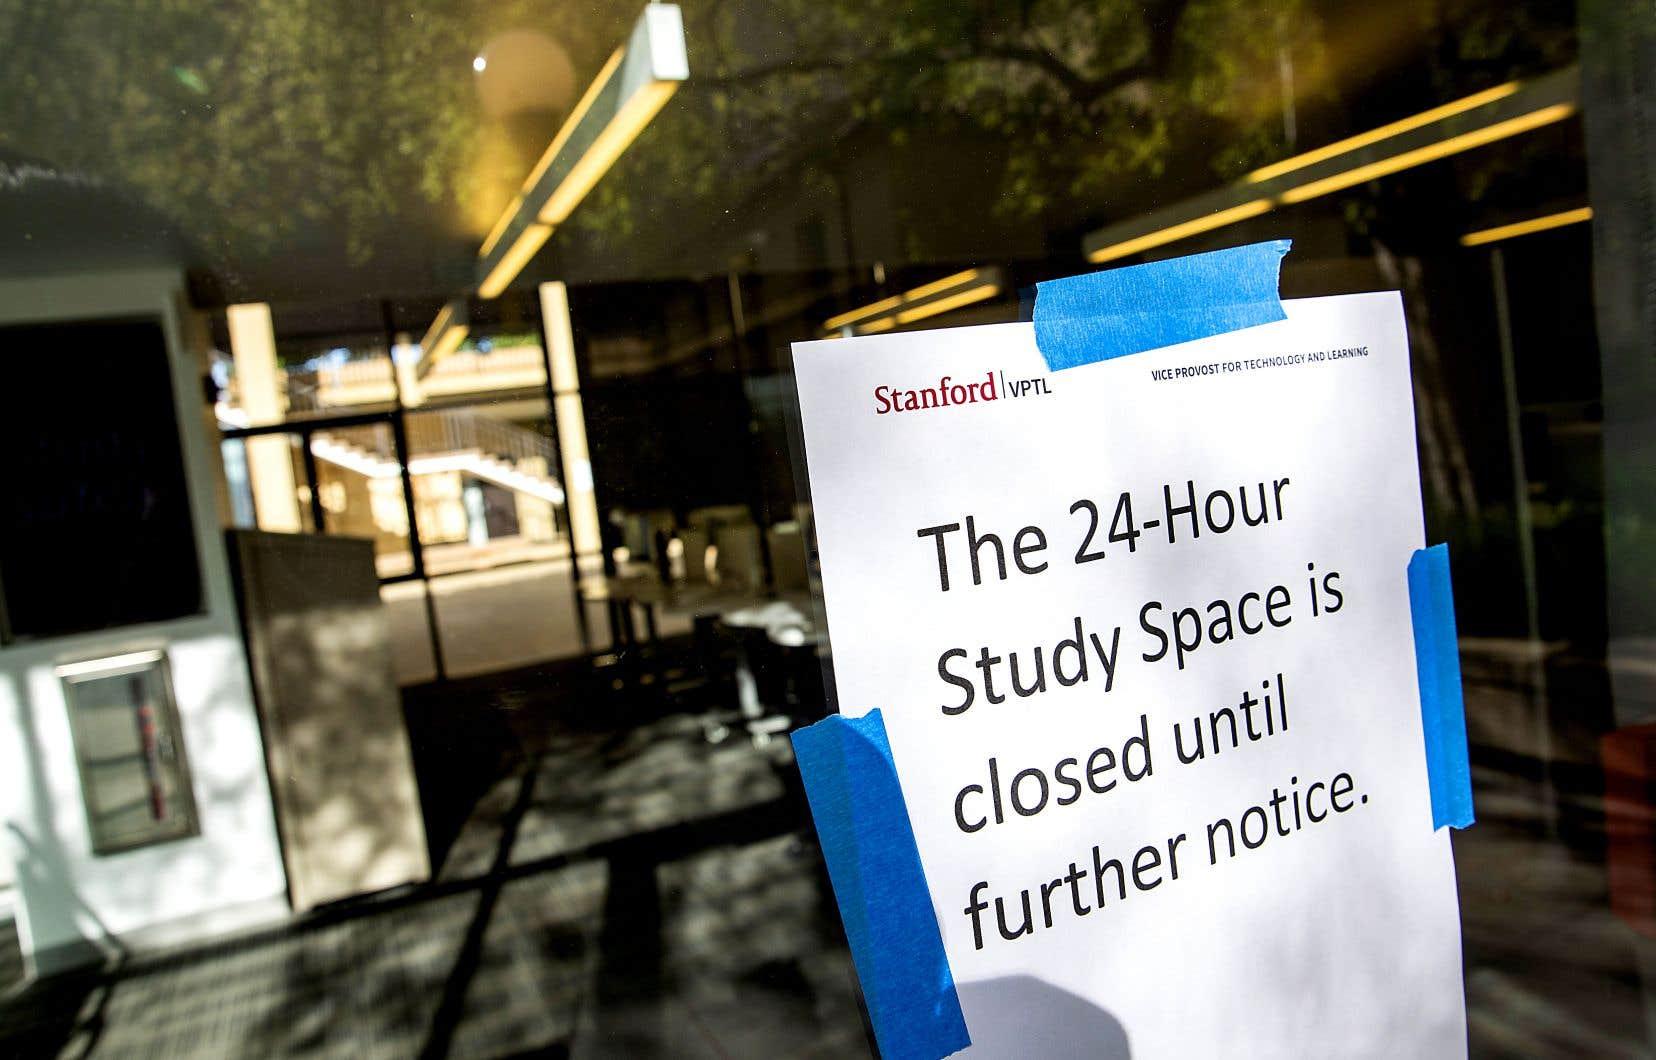 À l'Université Stanford, près de San Francisco, un local d'étude est demeuré fermé aux étudiants, lundi. La direction de l'université américaine a annoncé que les cours seraient désormais donnés sur Internet pour le reste du trimestre après qu'un cas d'infection au coronavirus a été signalé par le personnel de la clinique du campus.